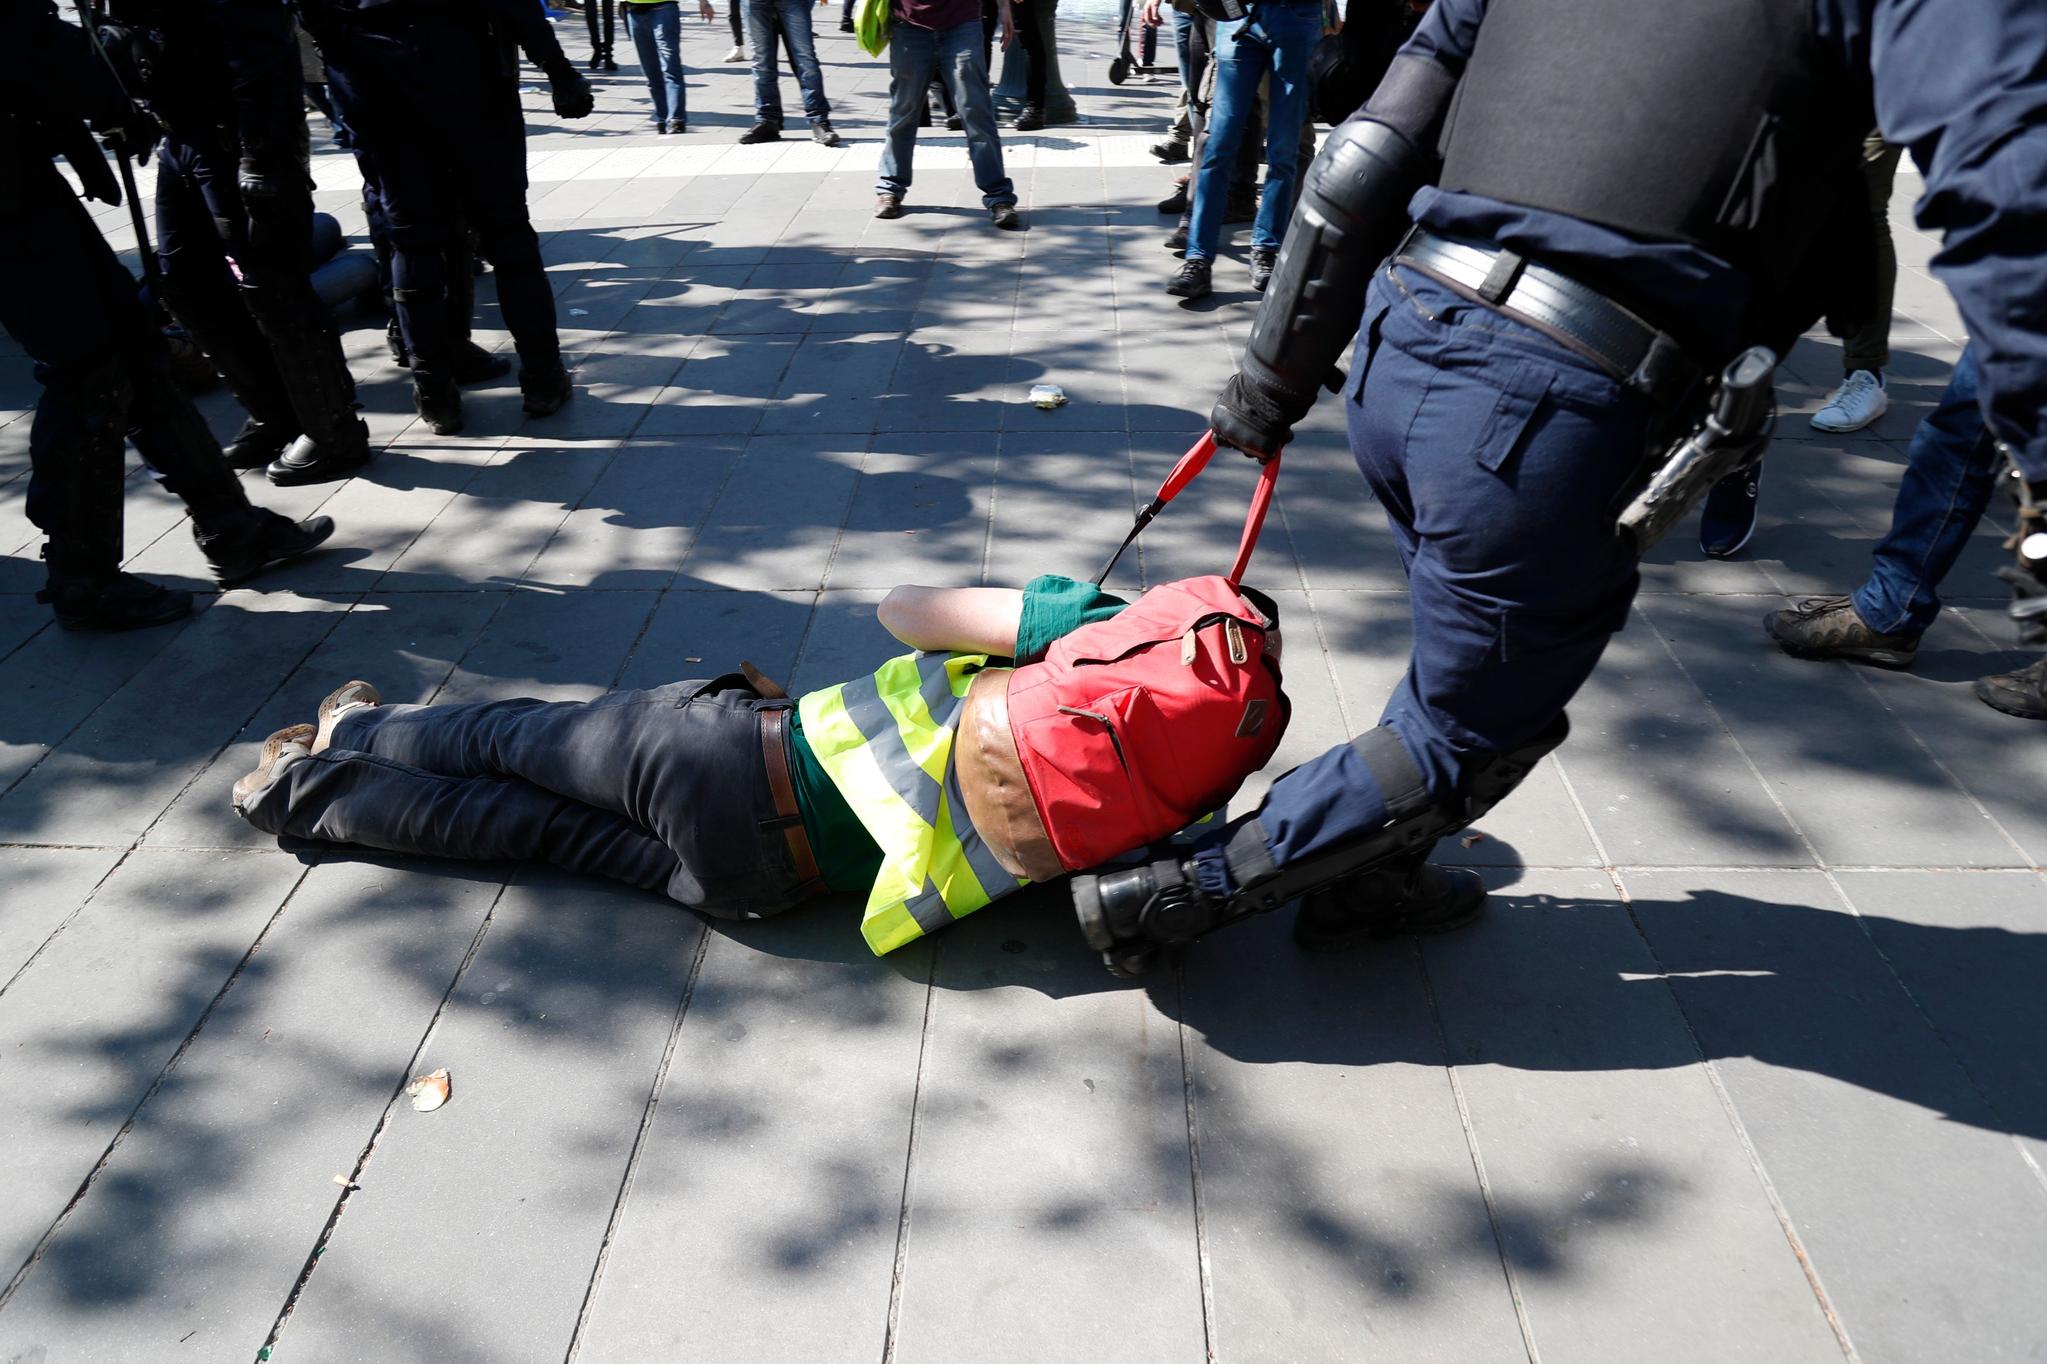 진압 경찰이 시위자를 연행하고 있다. [AFP=연합뉴스]